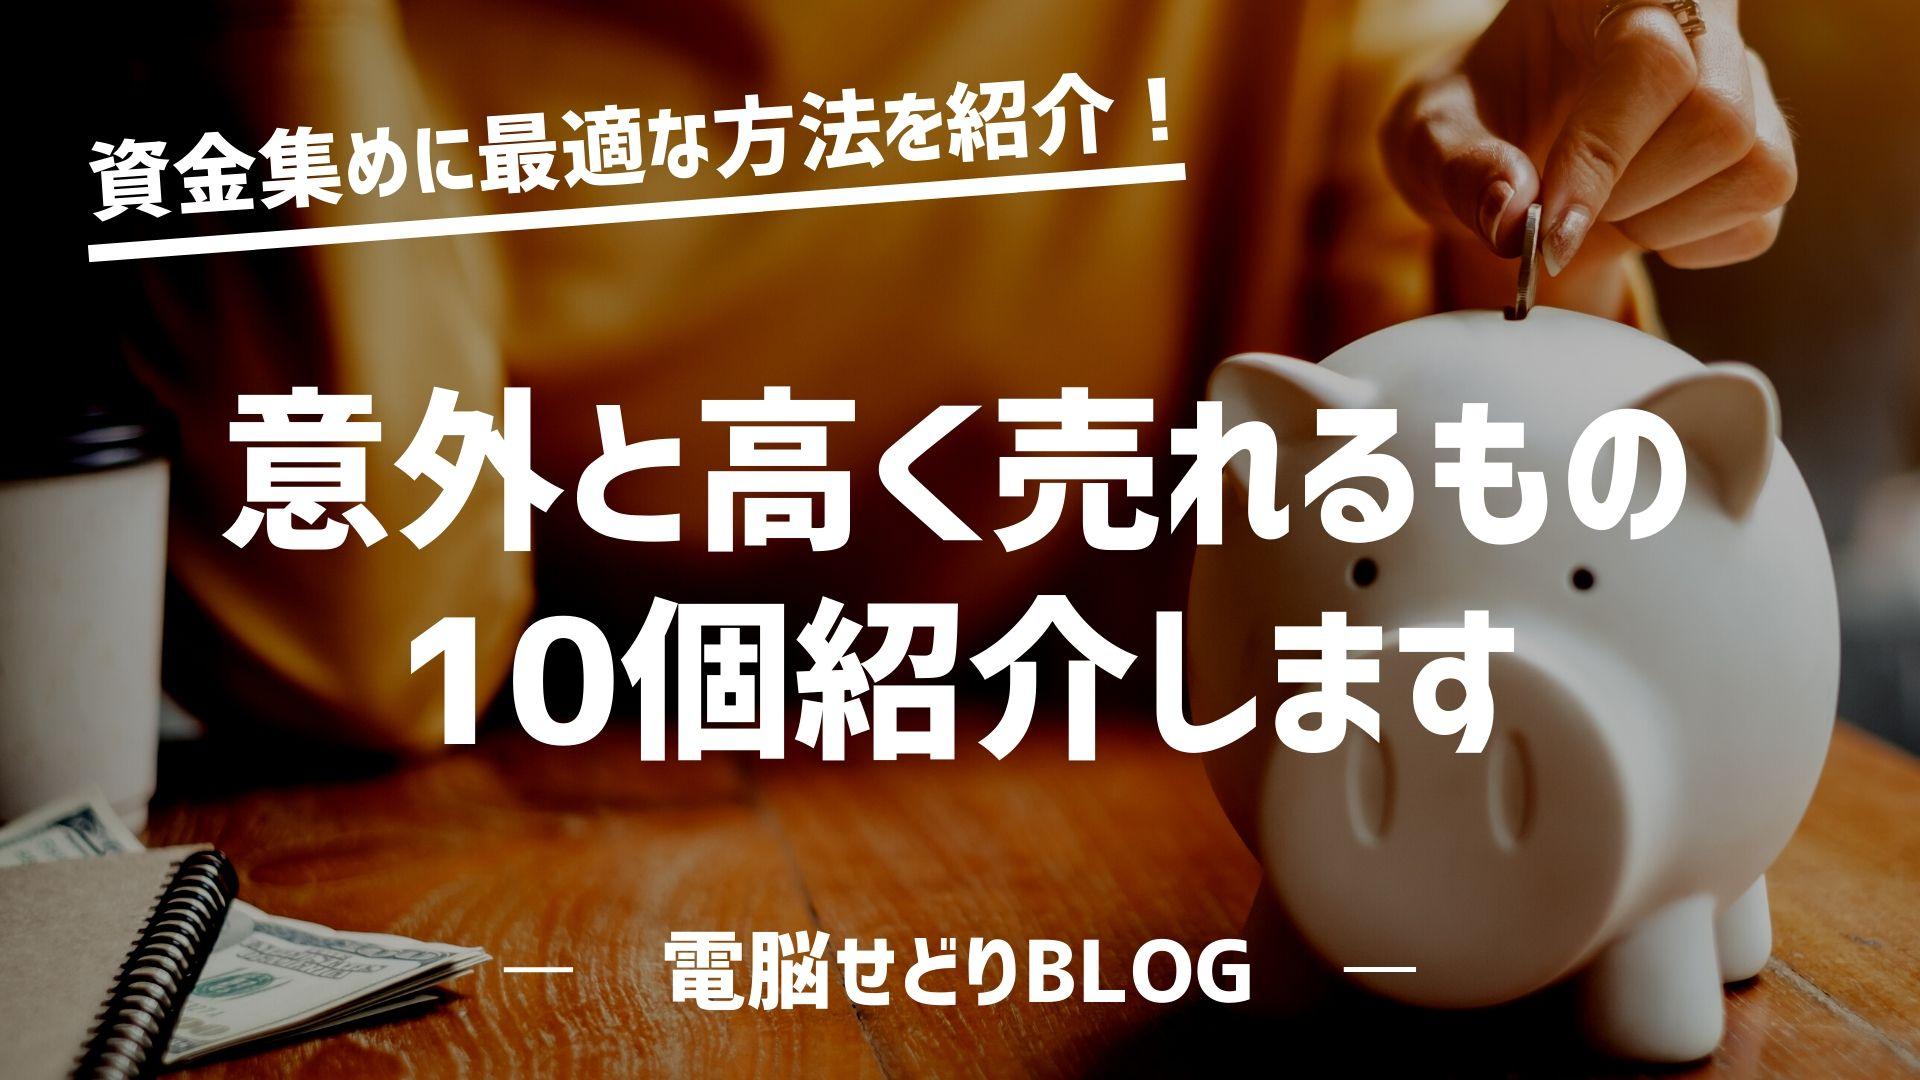 【2020年/最新版】意外と高く売れるもの10選!タダで手に入る商品も紹介します!